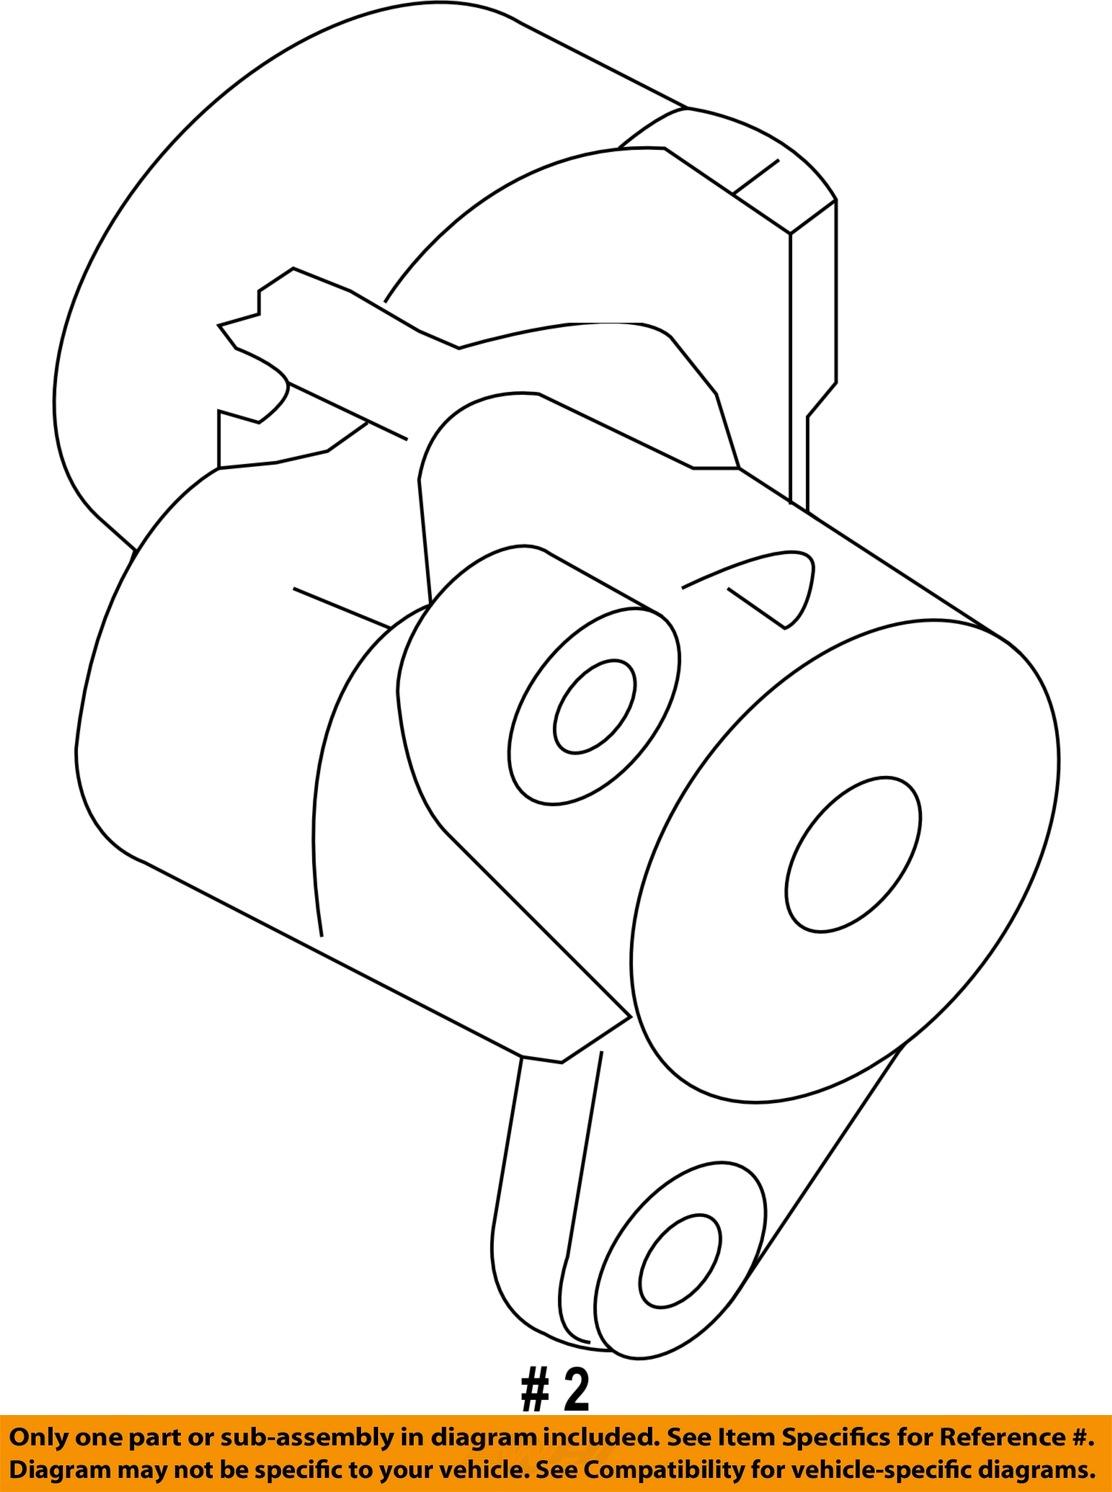 26 2009 Mitsubishi Lancer Serpentine Belt Diagram Wiring Database 2020